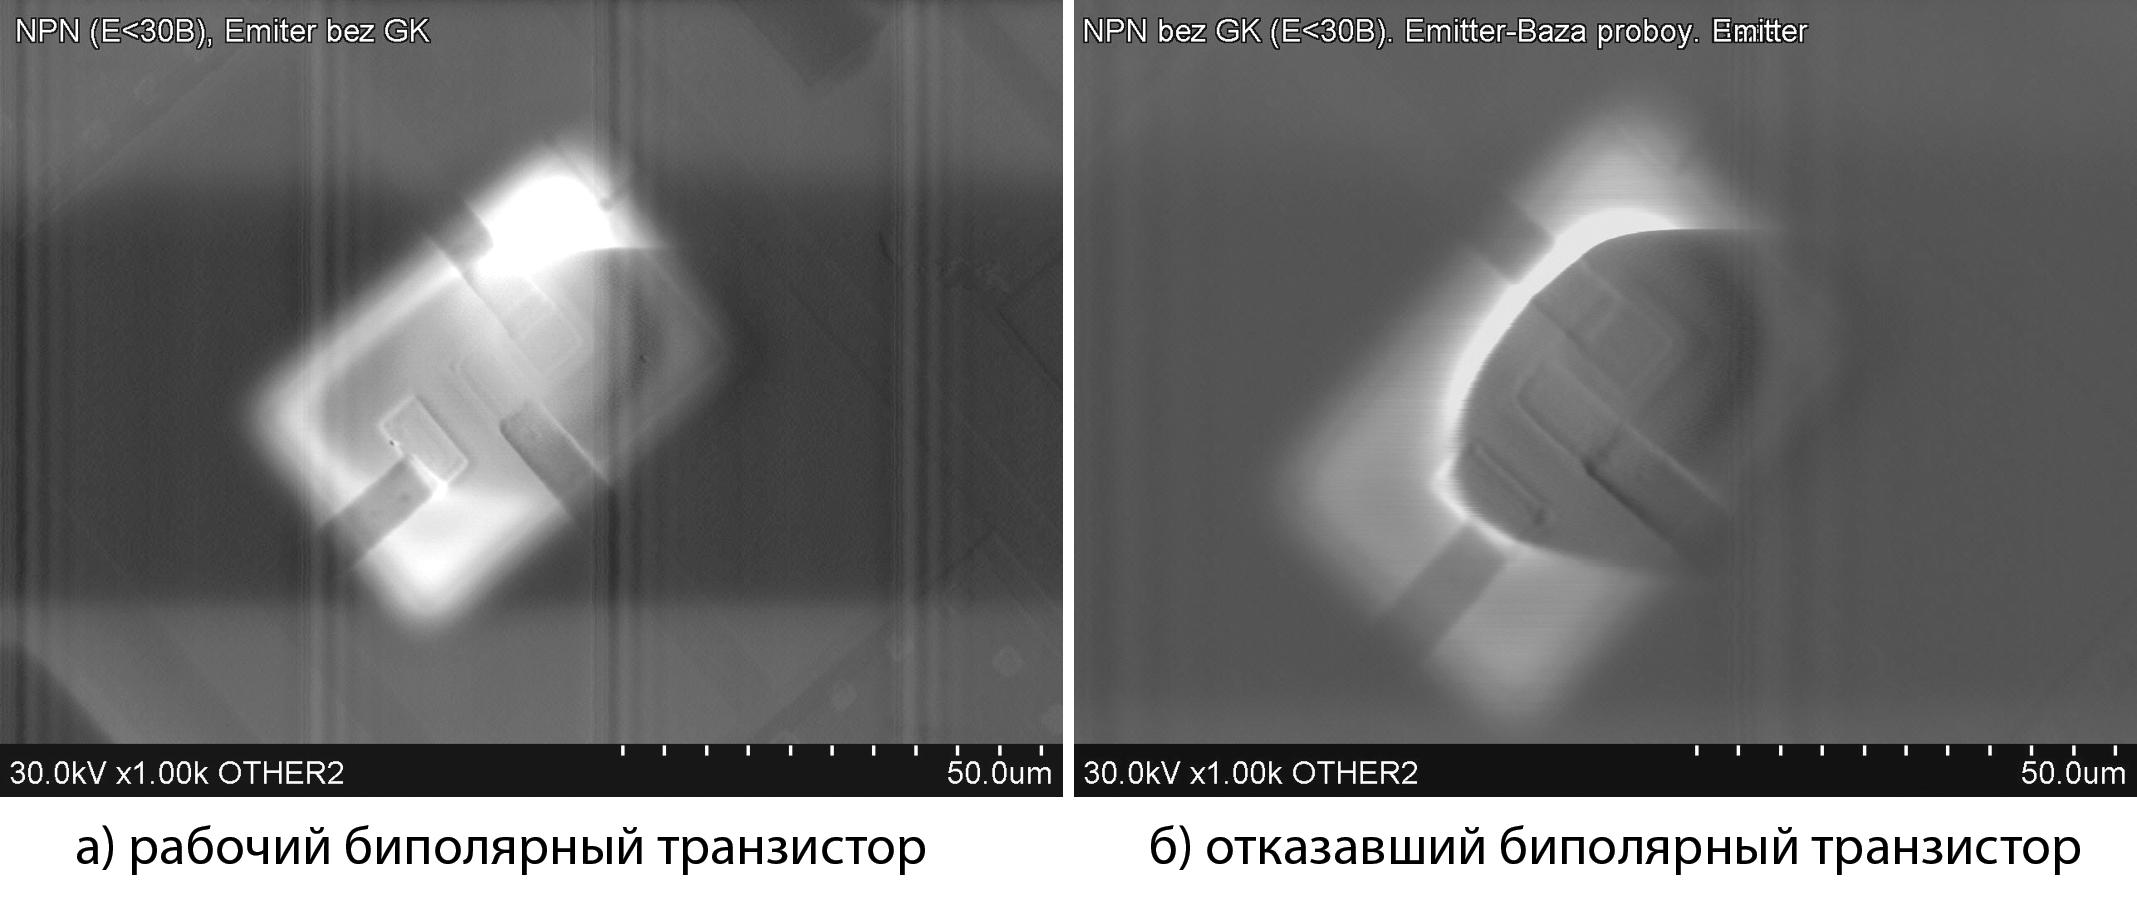 Биполярный транзистор в режиме EBIC, с локализованным местом пробоя эмиттер–база